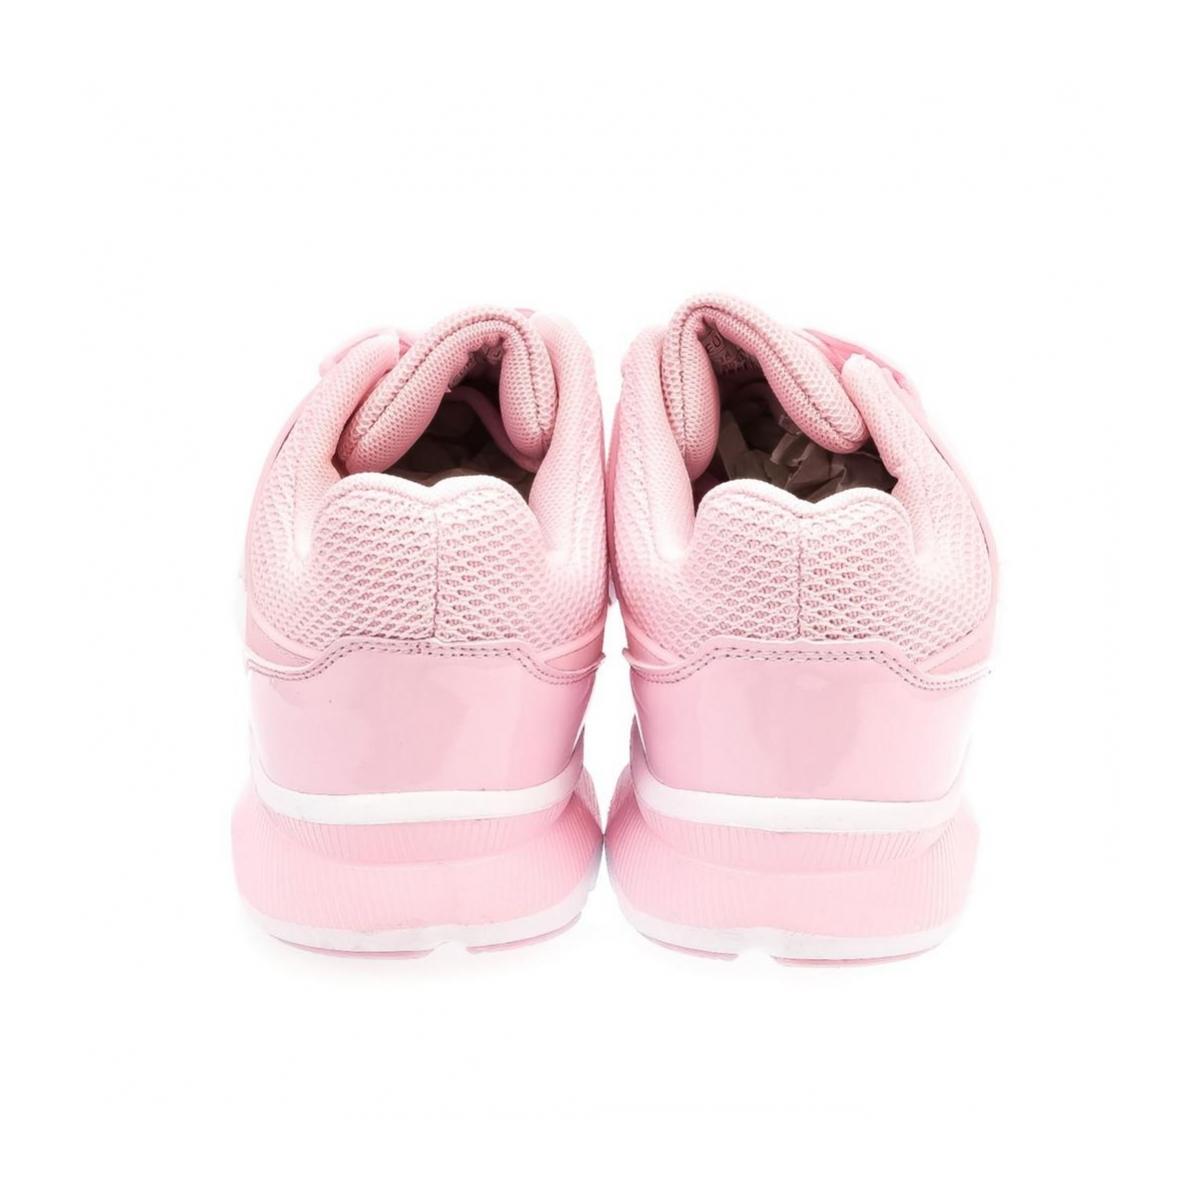 faa8b33d2e62 Dámske ružové tenisky DIA - 3